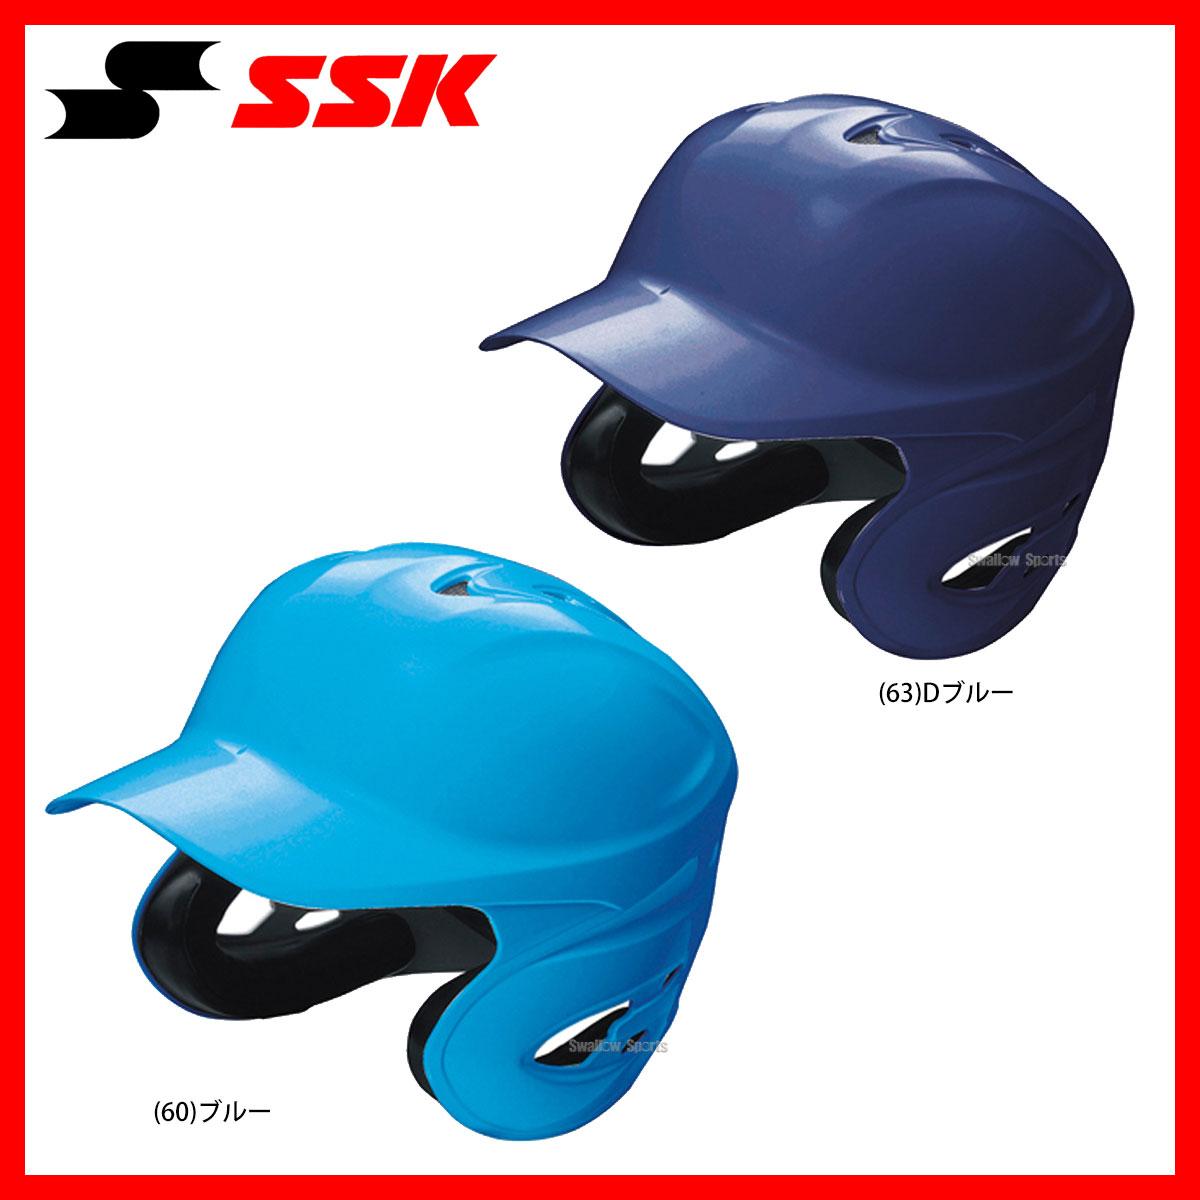 【あす楽対応】 SSK エスエスケイ ソフトボール 打者用 ヘルメット 両耳付き H6000 ヘルメット 両耳 ssk 新入学 野球部 新入部員 野球用品 スワロースポーツ